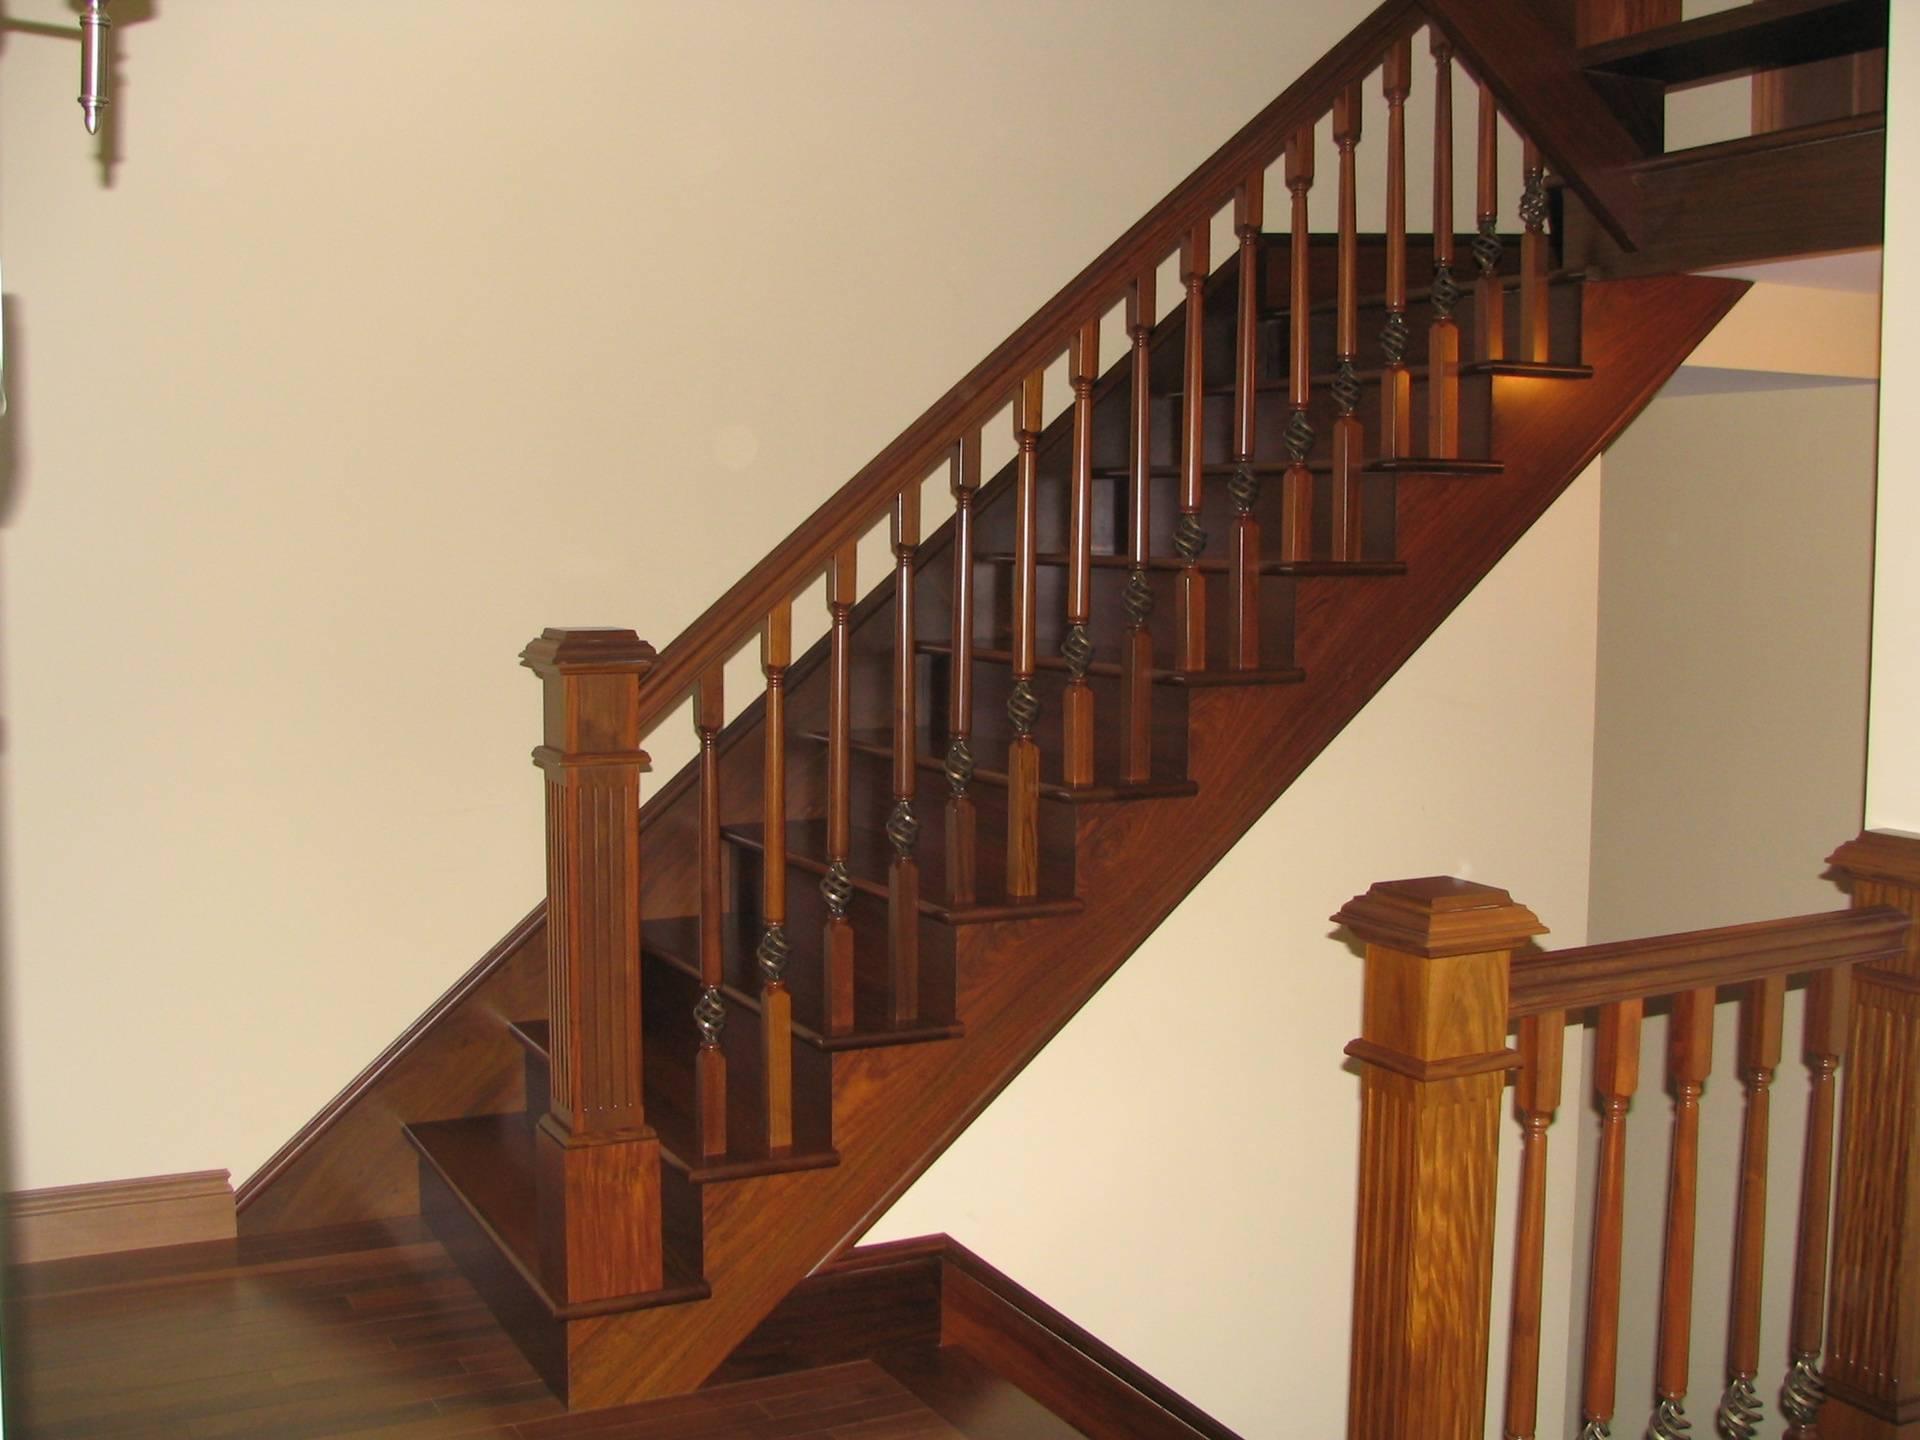 Escalier à barreaux bois et métal